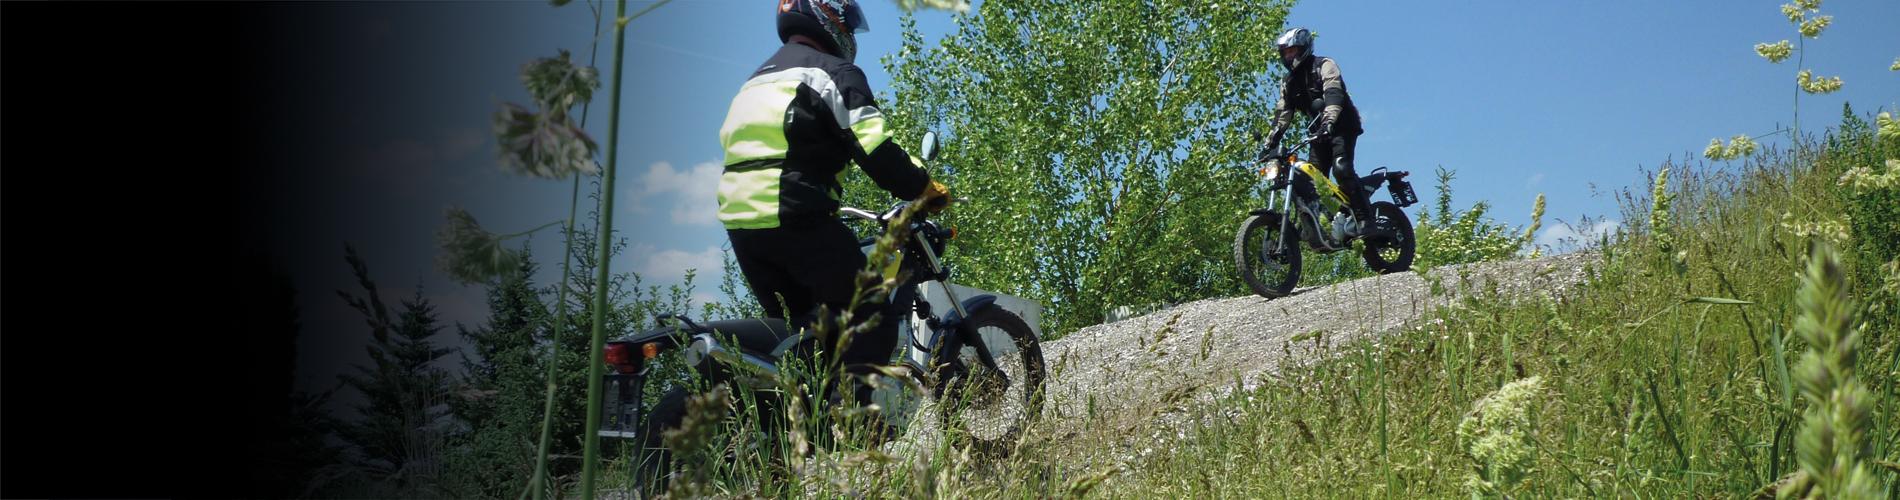 Offroad-Training Motorrad